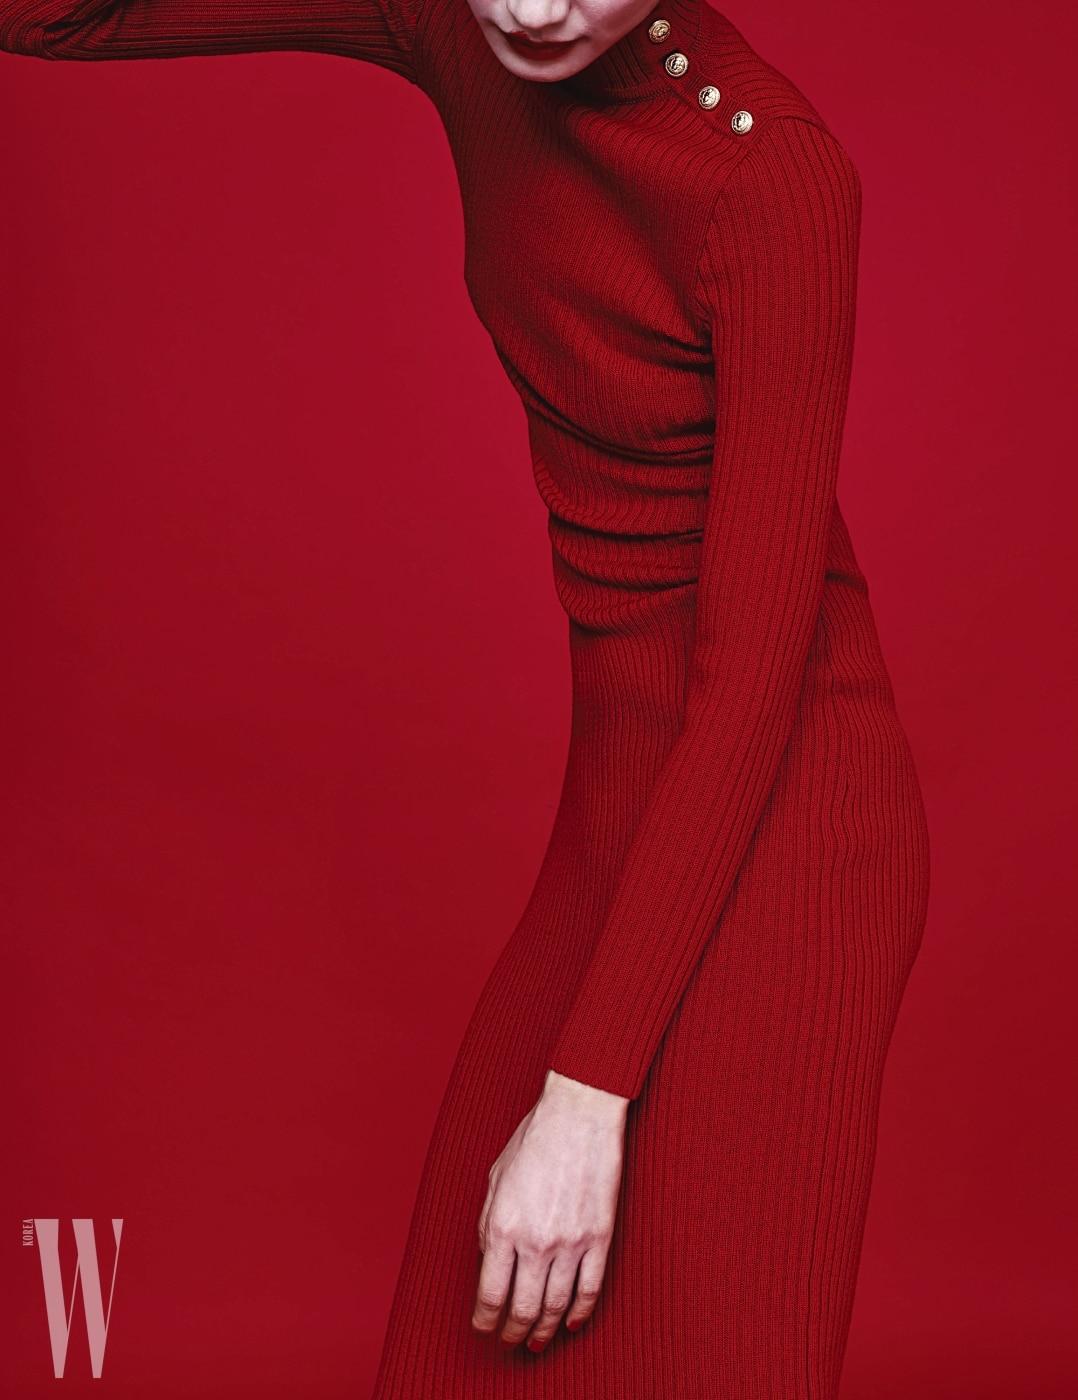 몸의 실루엣을 드러내는 니트 드레스는 발맹 제품. 가격 미정.